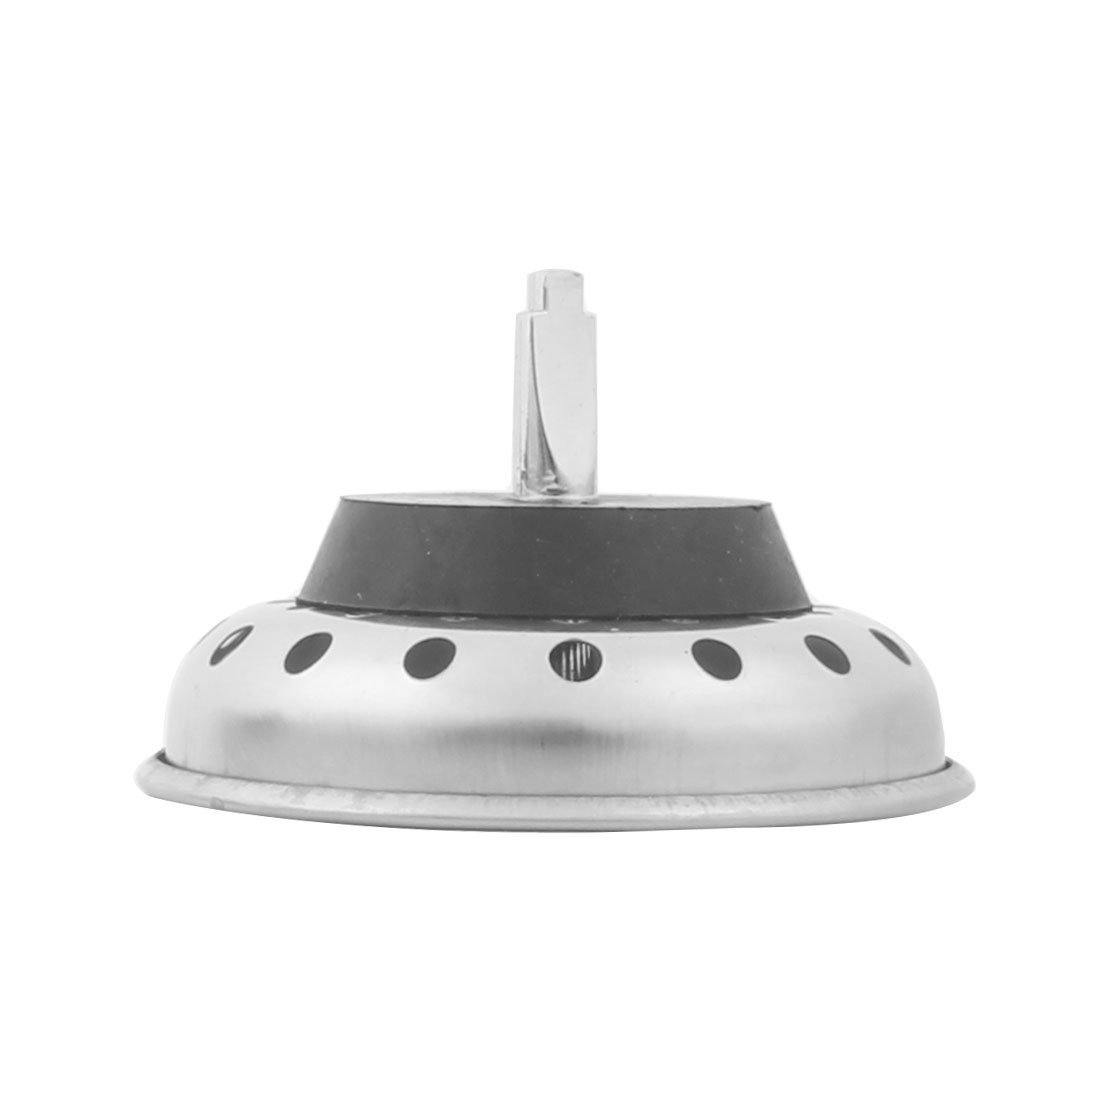 Amazon.com: eDealMax metal del hogar Ronda de residuos de basura Escurridor fregadero Colador 8 cm Dia tono de plata: Kitchen & Dining